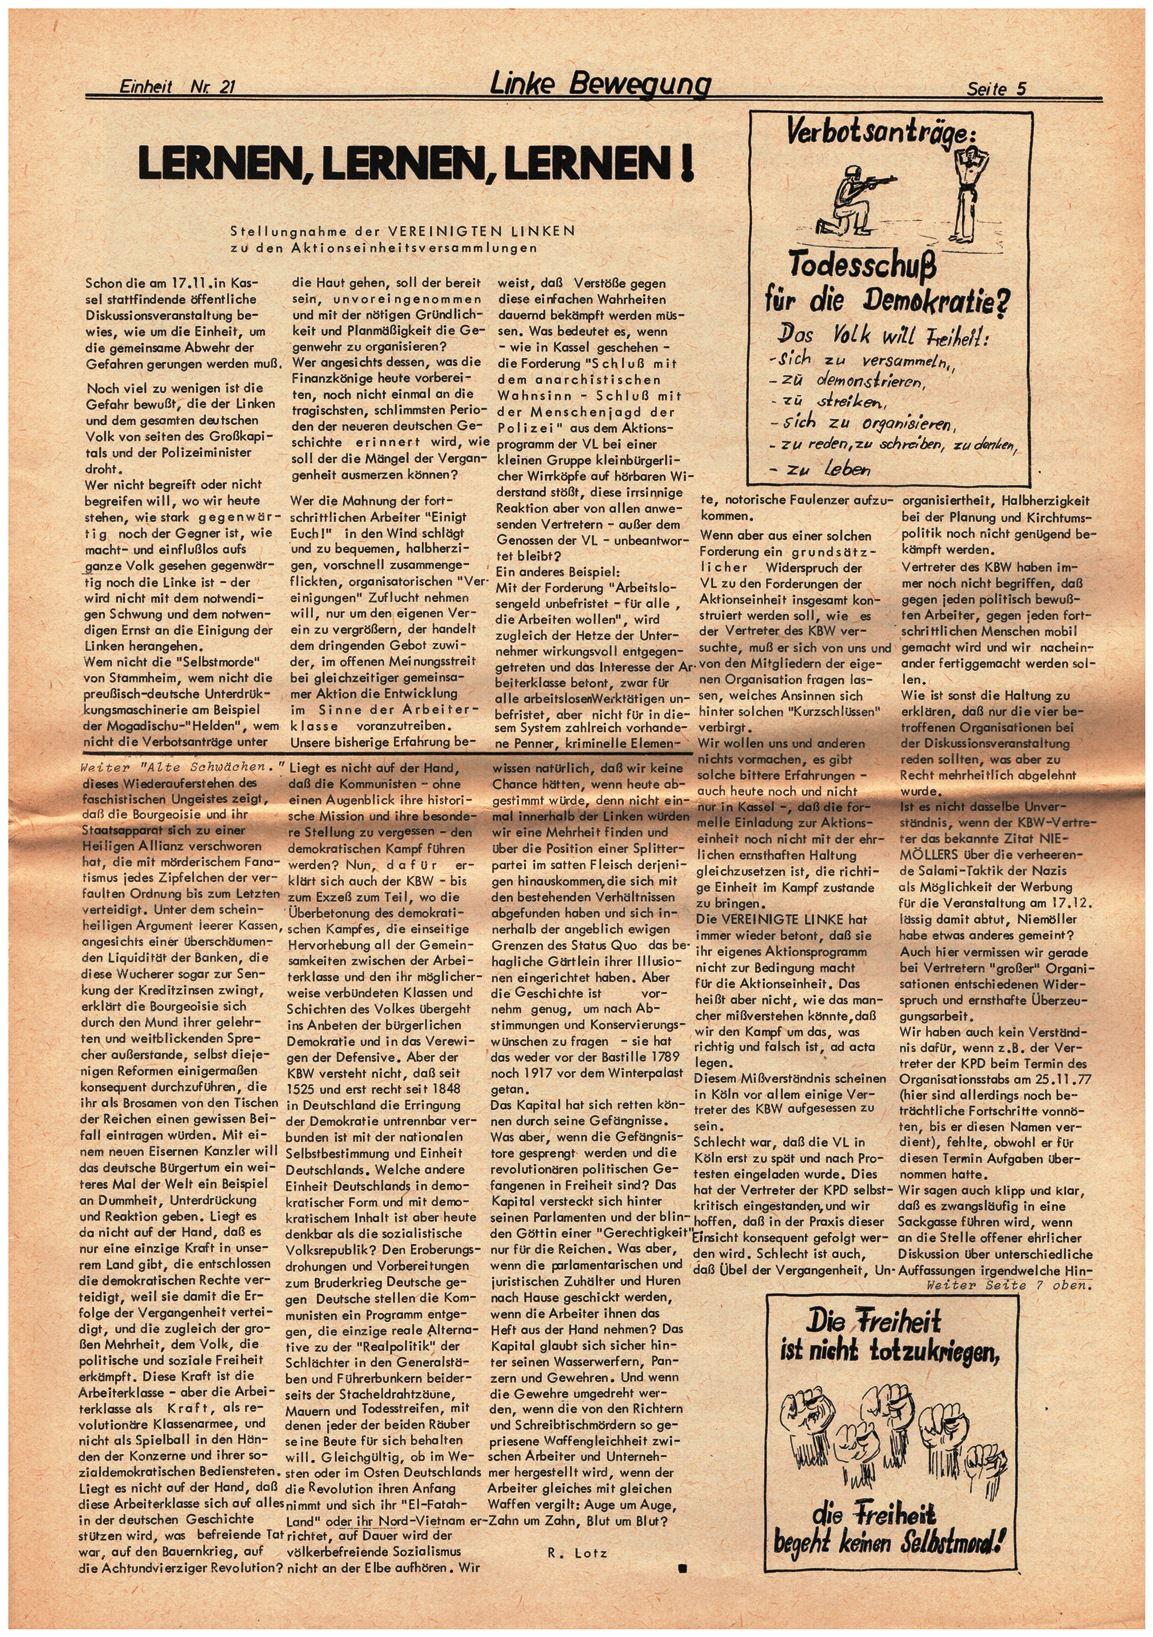 Koeln_IPdA_Einheit_1977_021_005